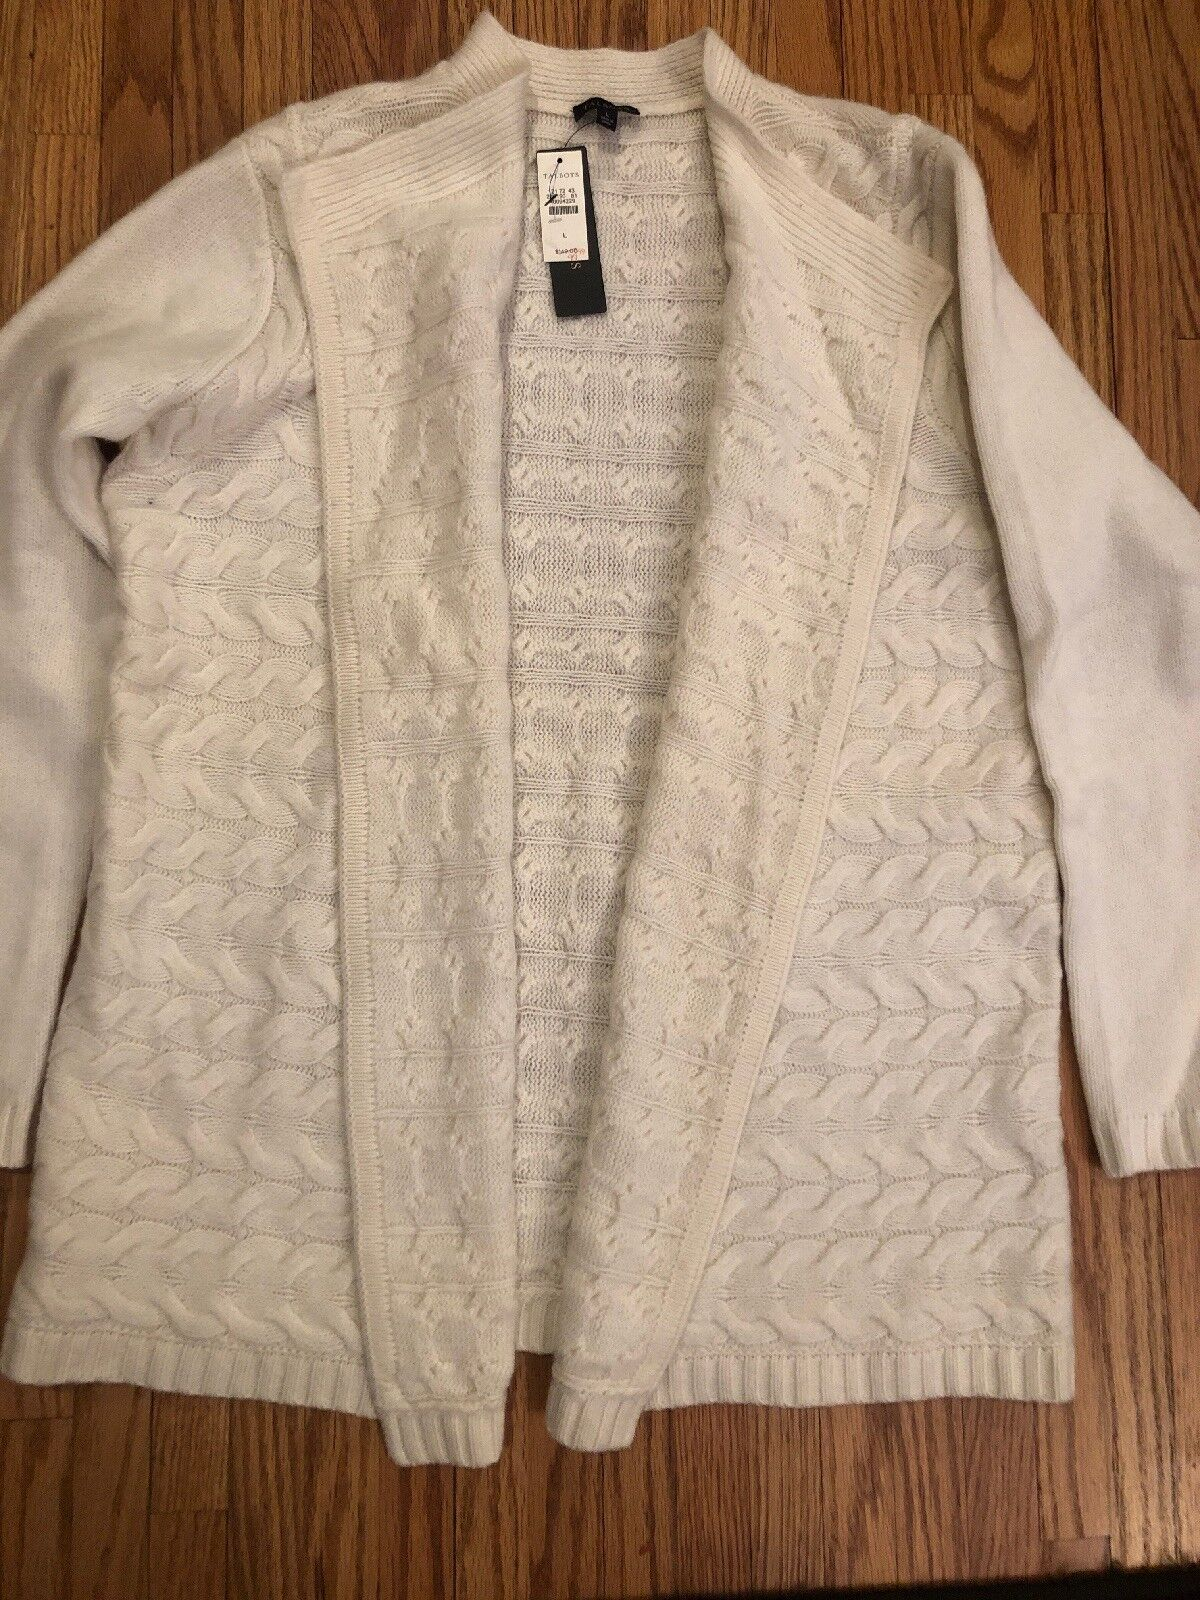 TALBOTS NWT  CREAM 70% Merino Wool Soft Knit Open Cardigan Top Six Lg